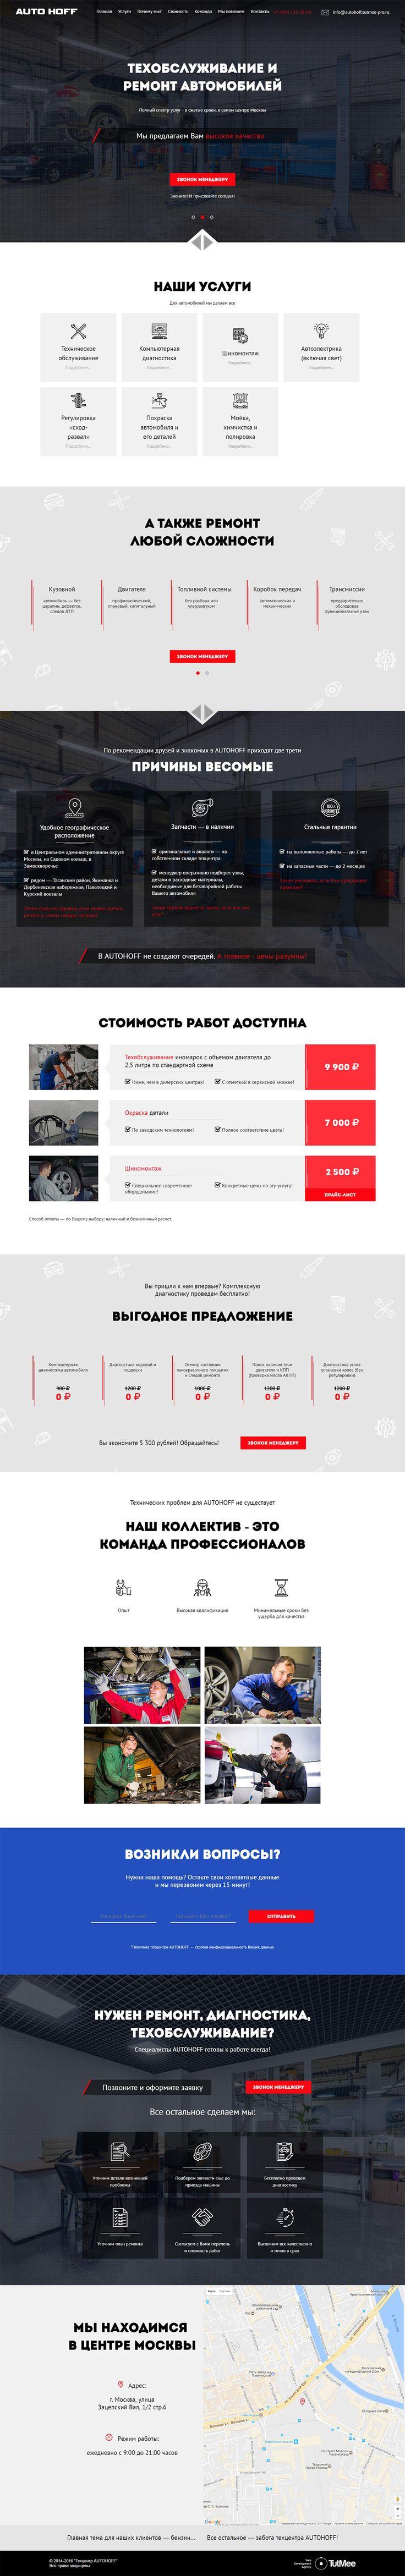 Ознакомьтесь с этим проектом @Behance: «Landing page Auto Hoff» https://www.behance.net/gallery/51162585/Landing-page-Auto-Hoff